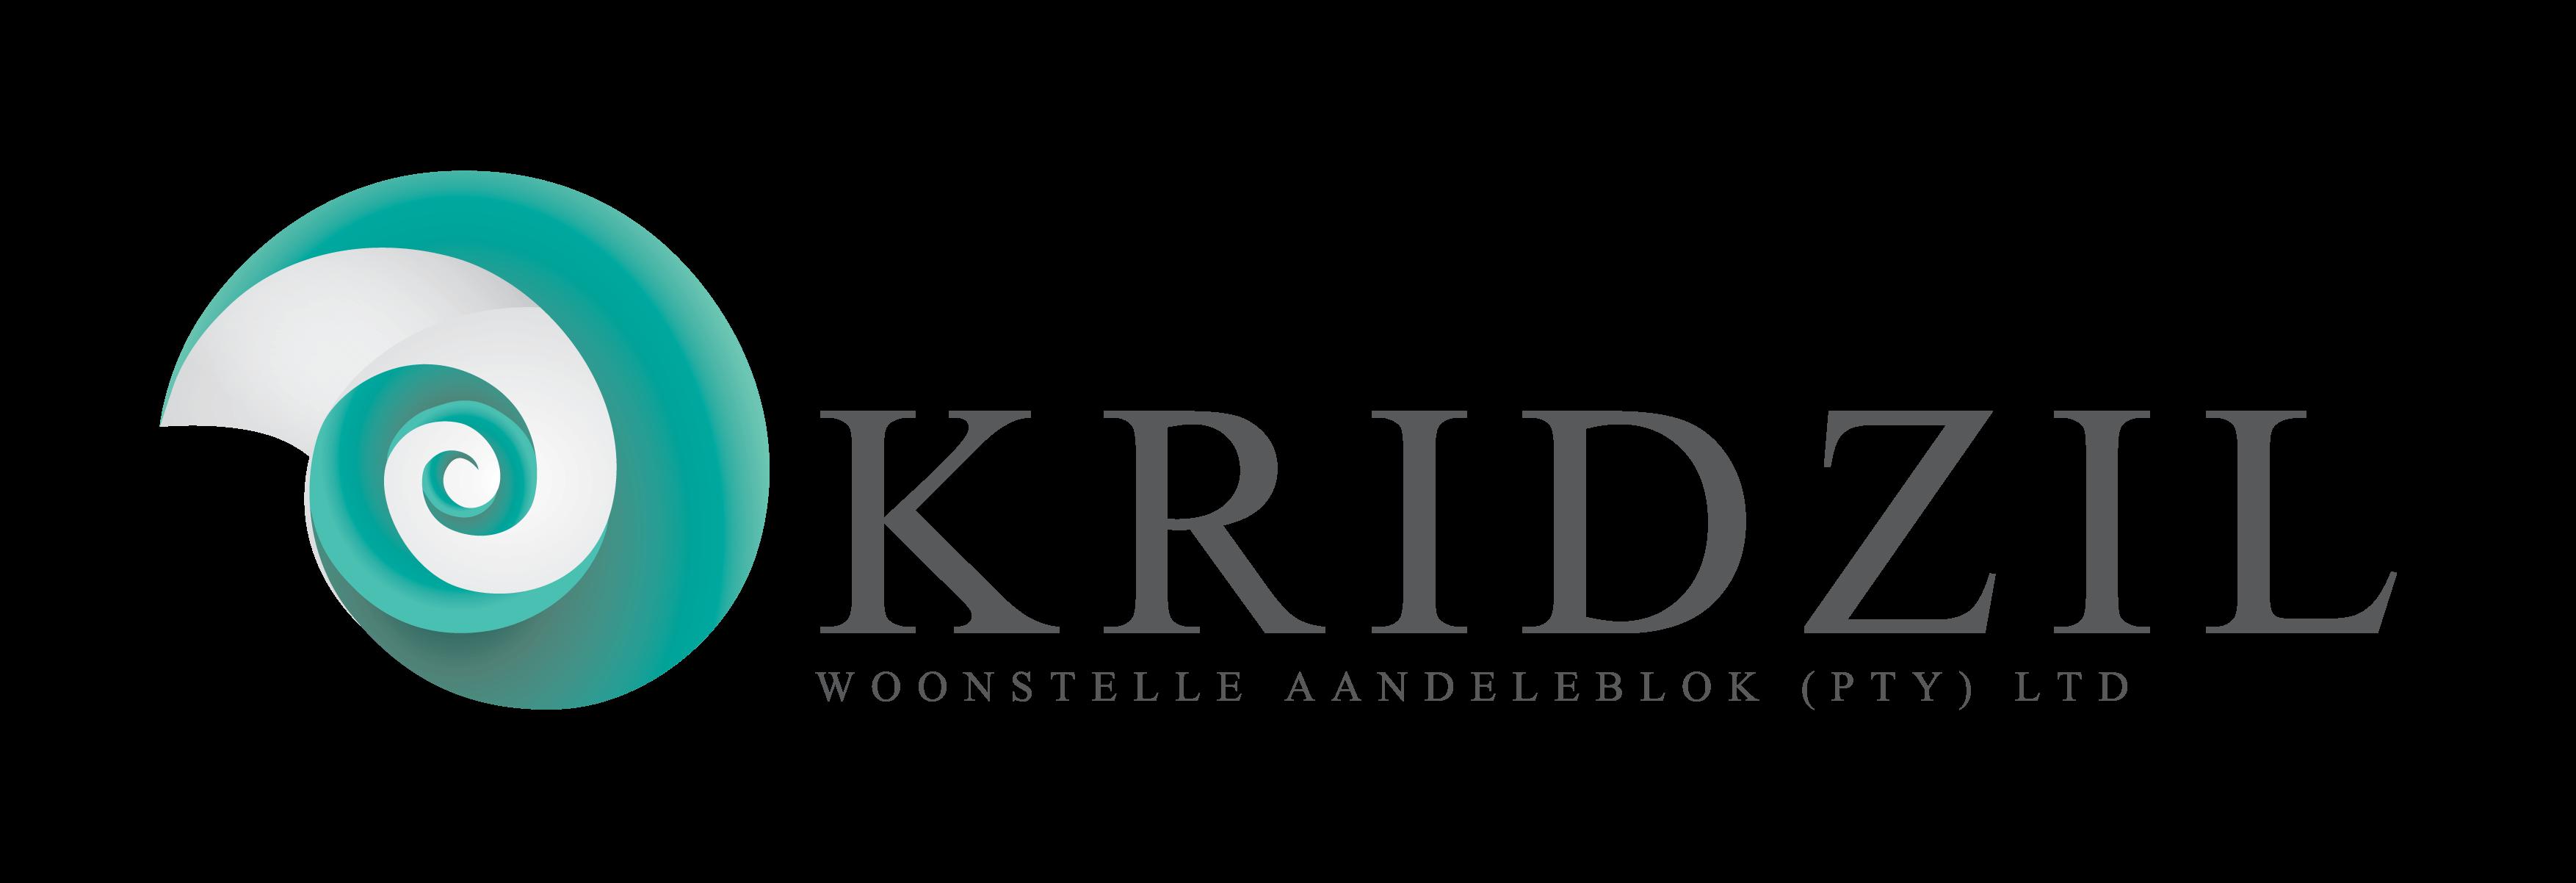 Kridzil Woonstelle